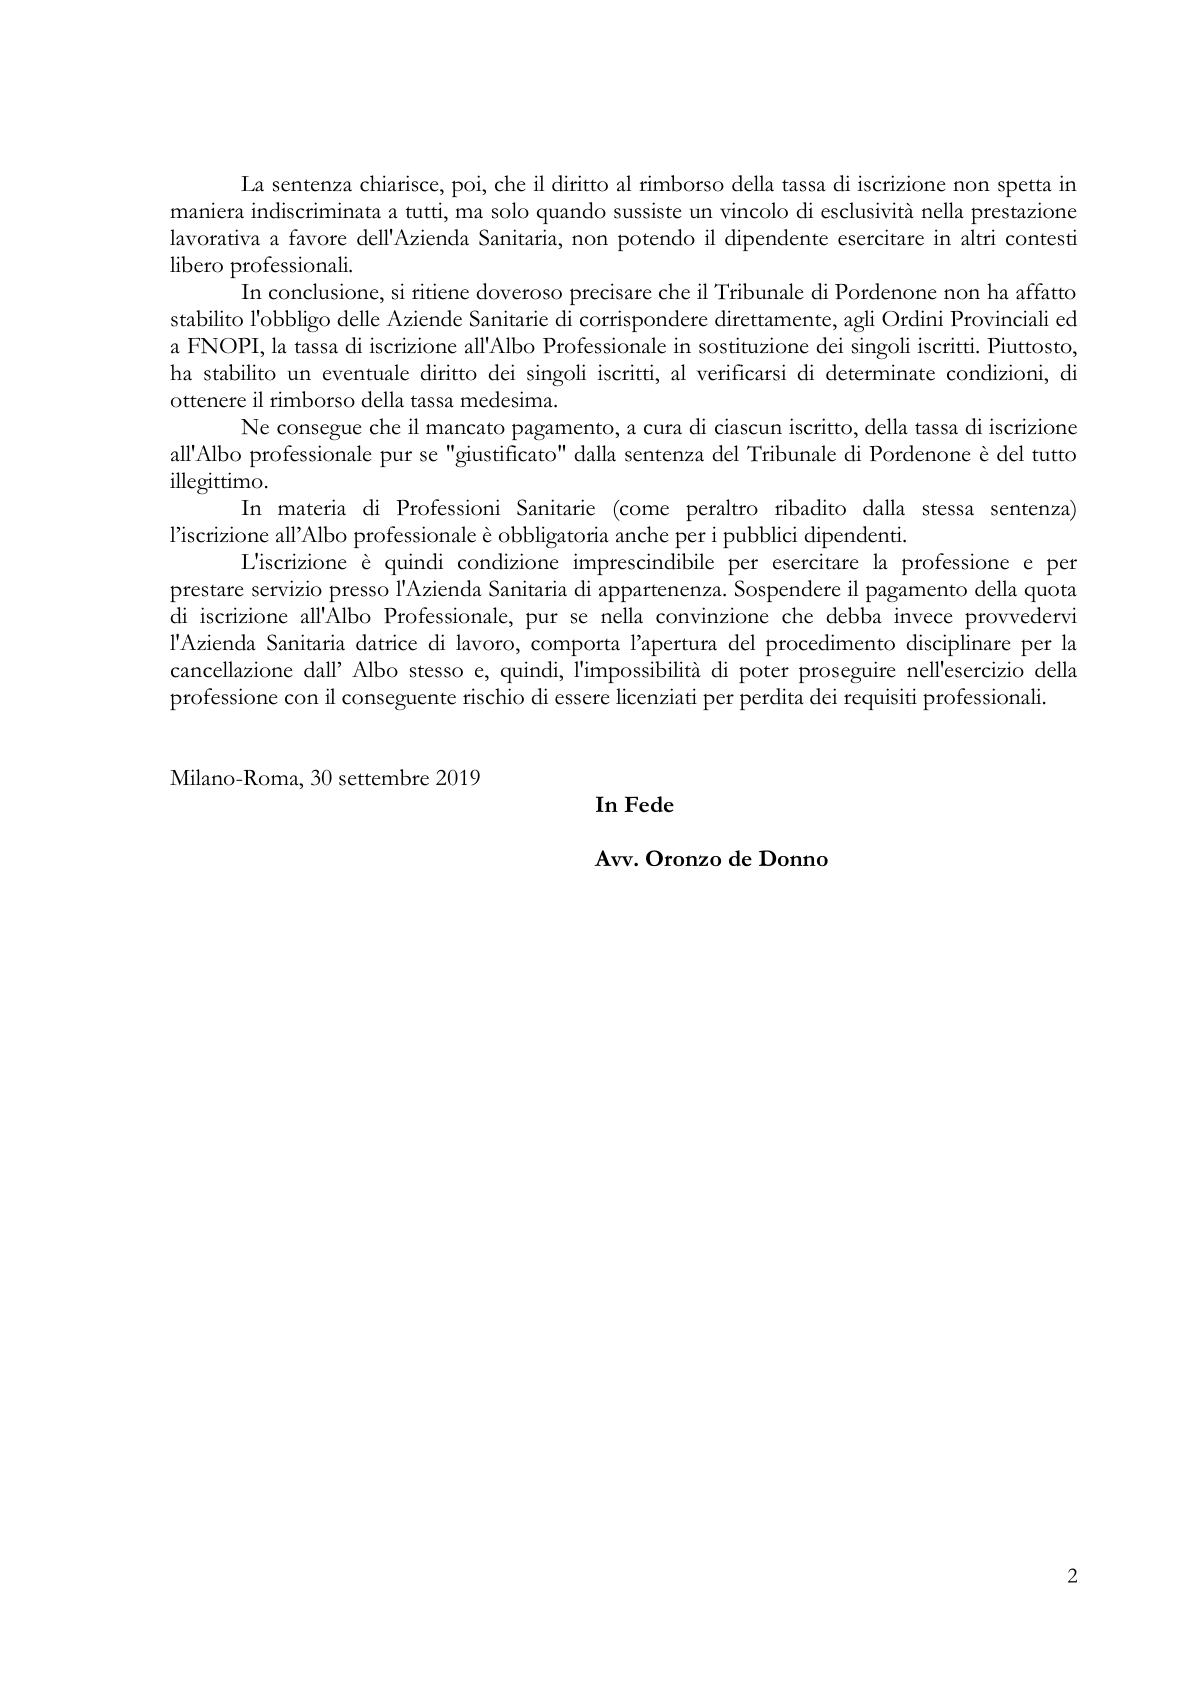 parere avv de donno sentenza tribunale pordenone 2